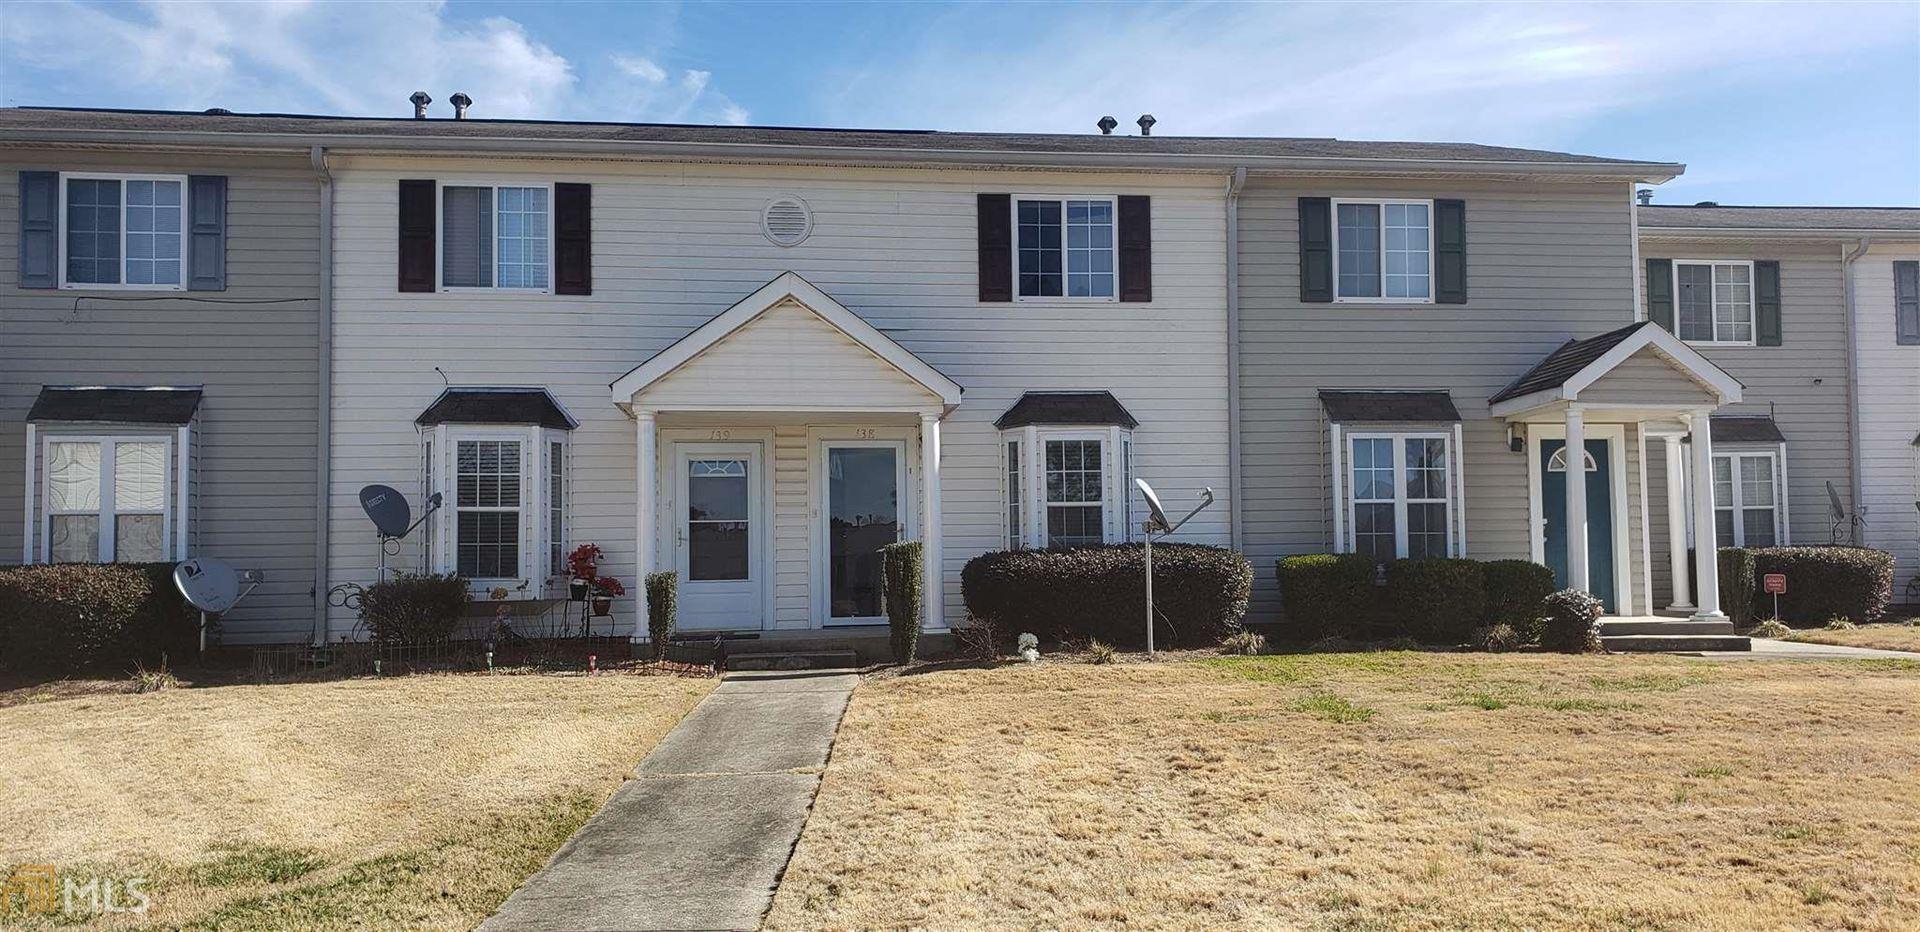 Photo of 1625 Conley Rd, Conley, GA 30288 (MLS # 8917339)